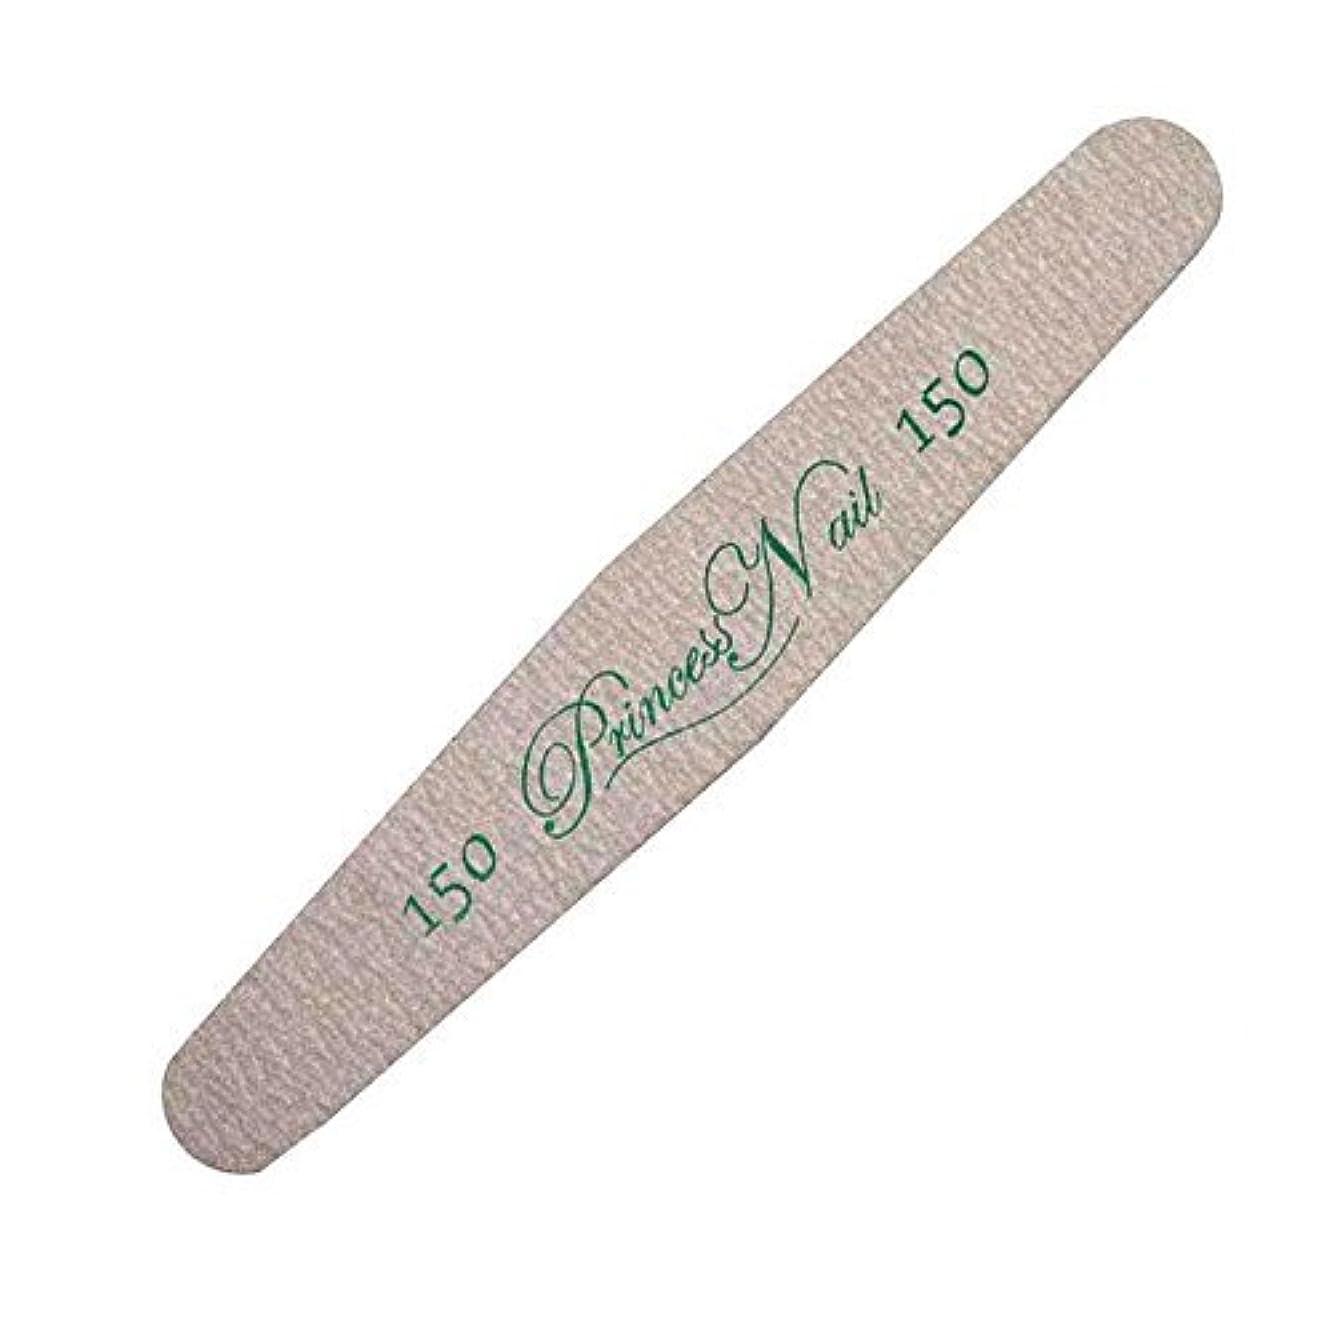 老人テナントラフ睡眠プリンセスネイル ネイルファイル 150/150 爪やすり